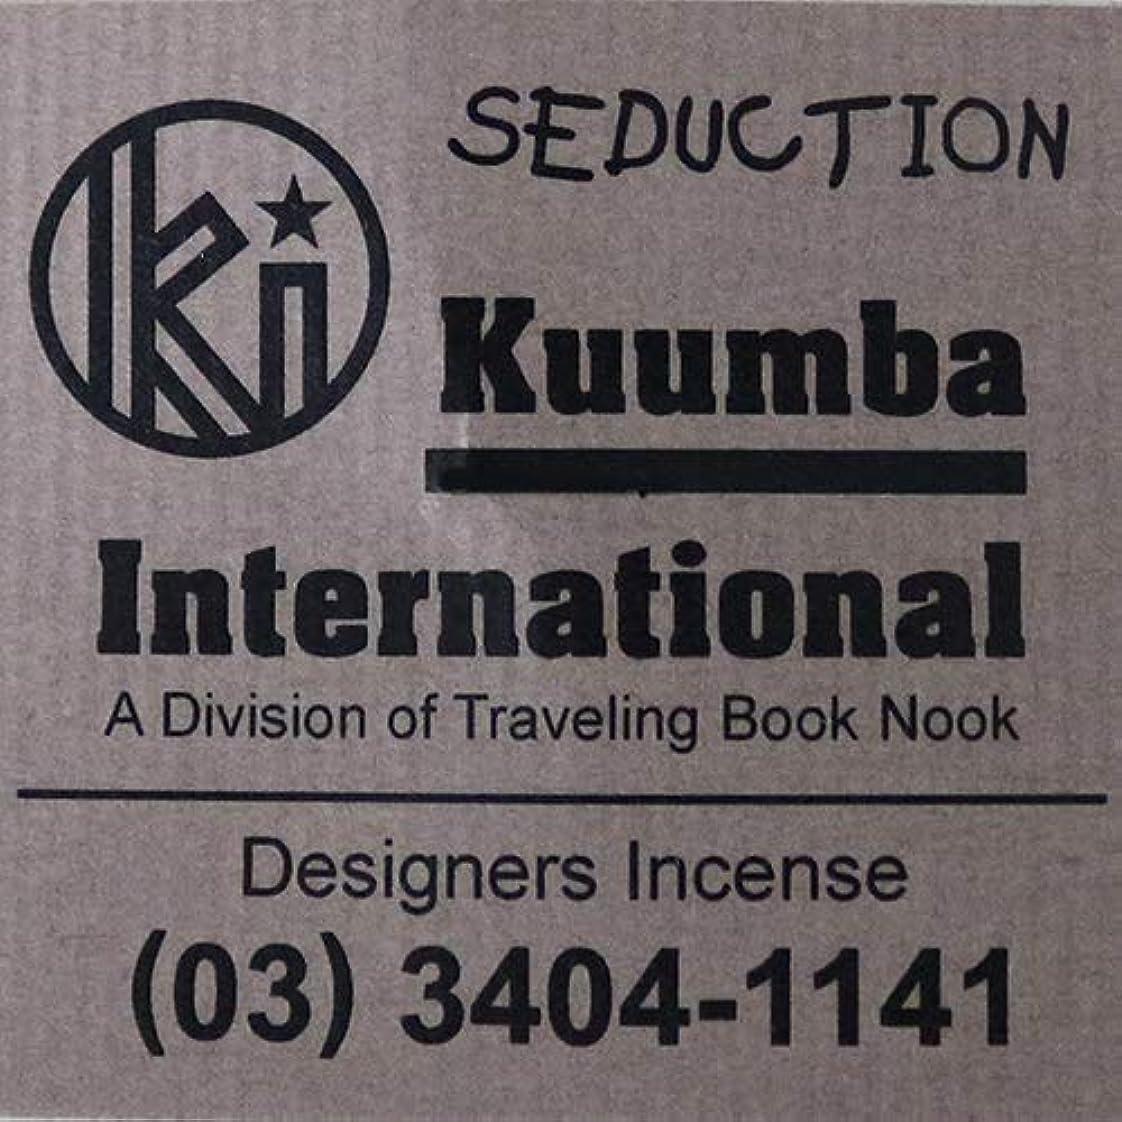 おもしろいうまれたつかいます(クンバ) KUUMBA『incense』(SEDUCTION) (SEDUCTION, Regular size)